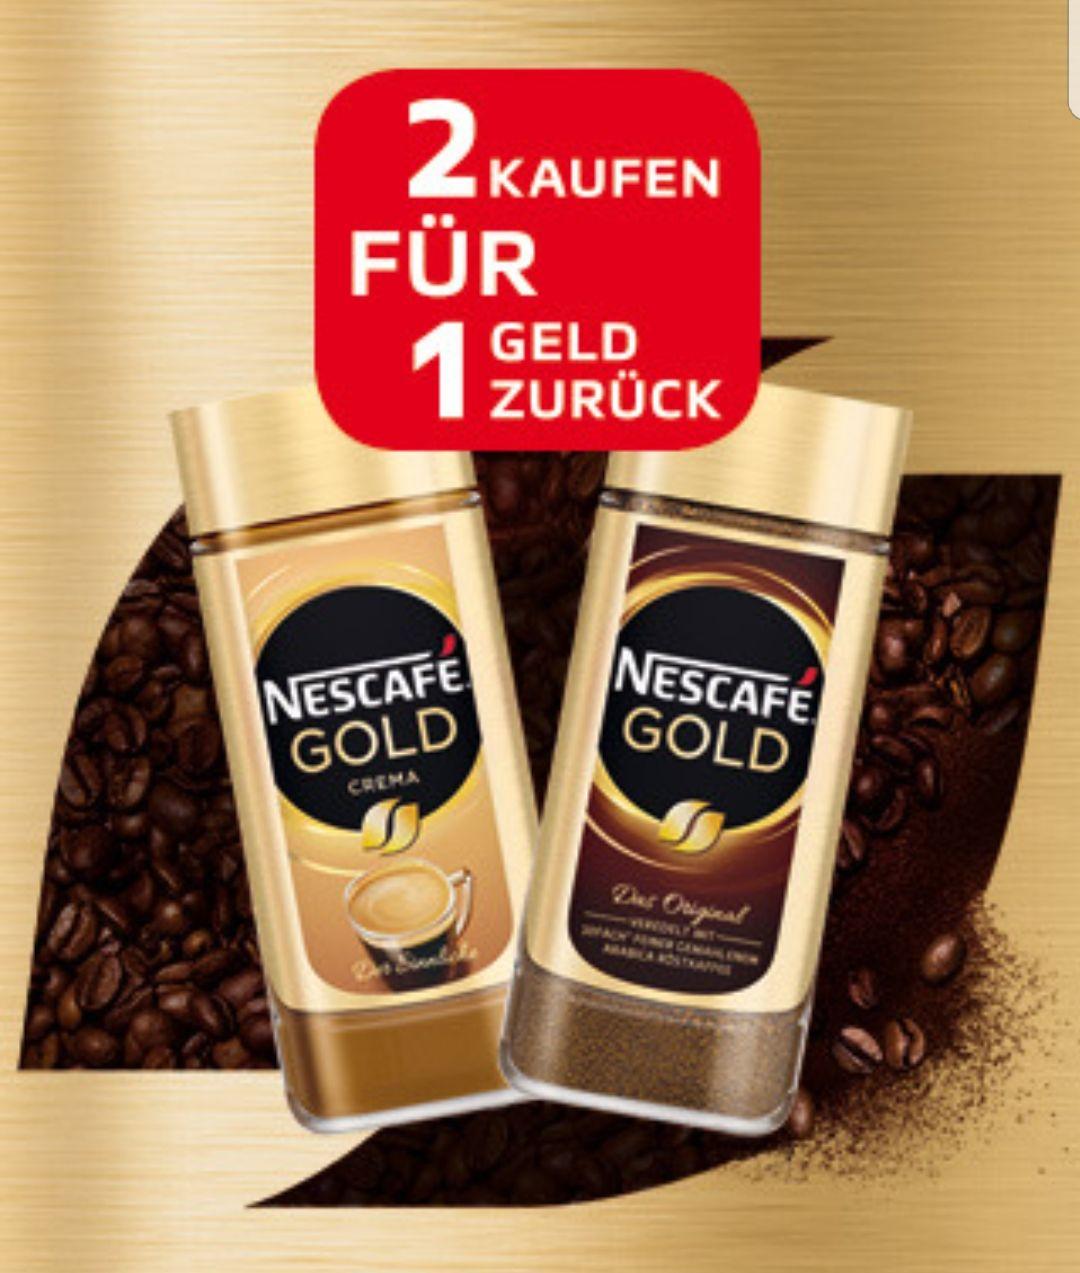 NESCAFE Geld zurück Aktion: Zwei Nescafe Gold kaufen und für eines davon Geld zurück erhalten (letzte Möglichkeit 01.02./02.02. Penny Markt)